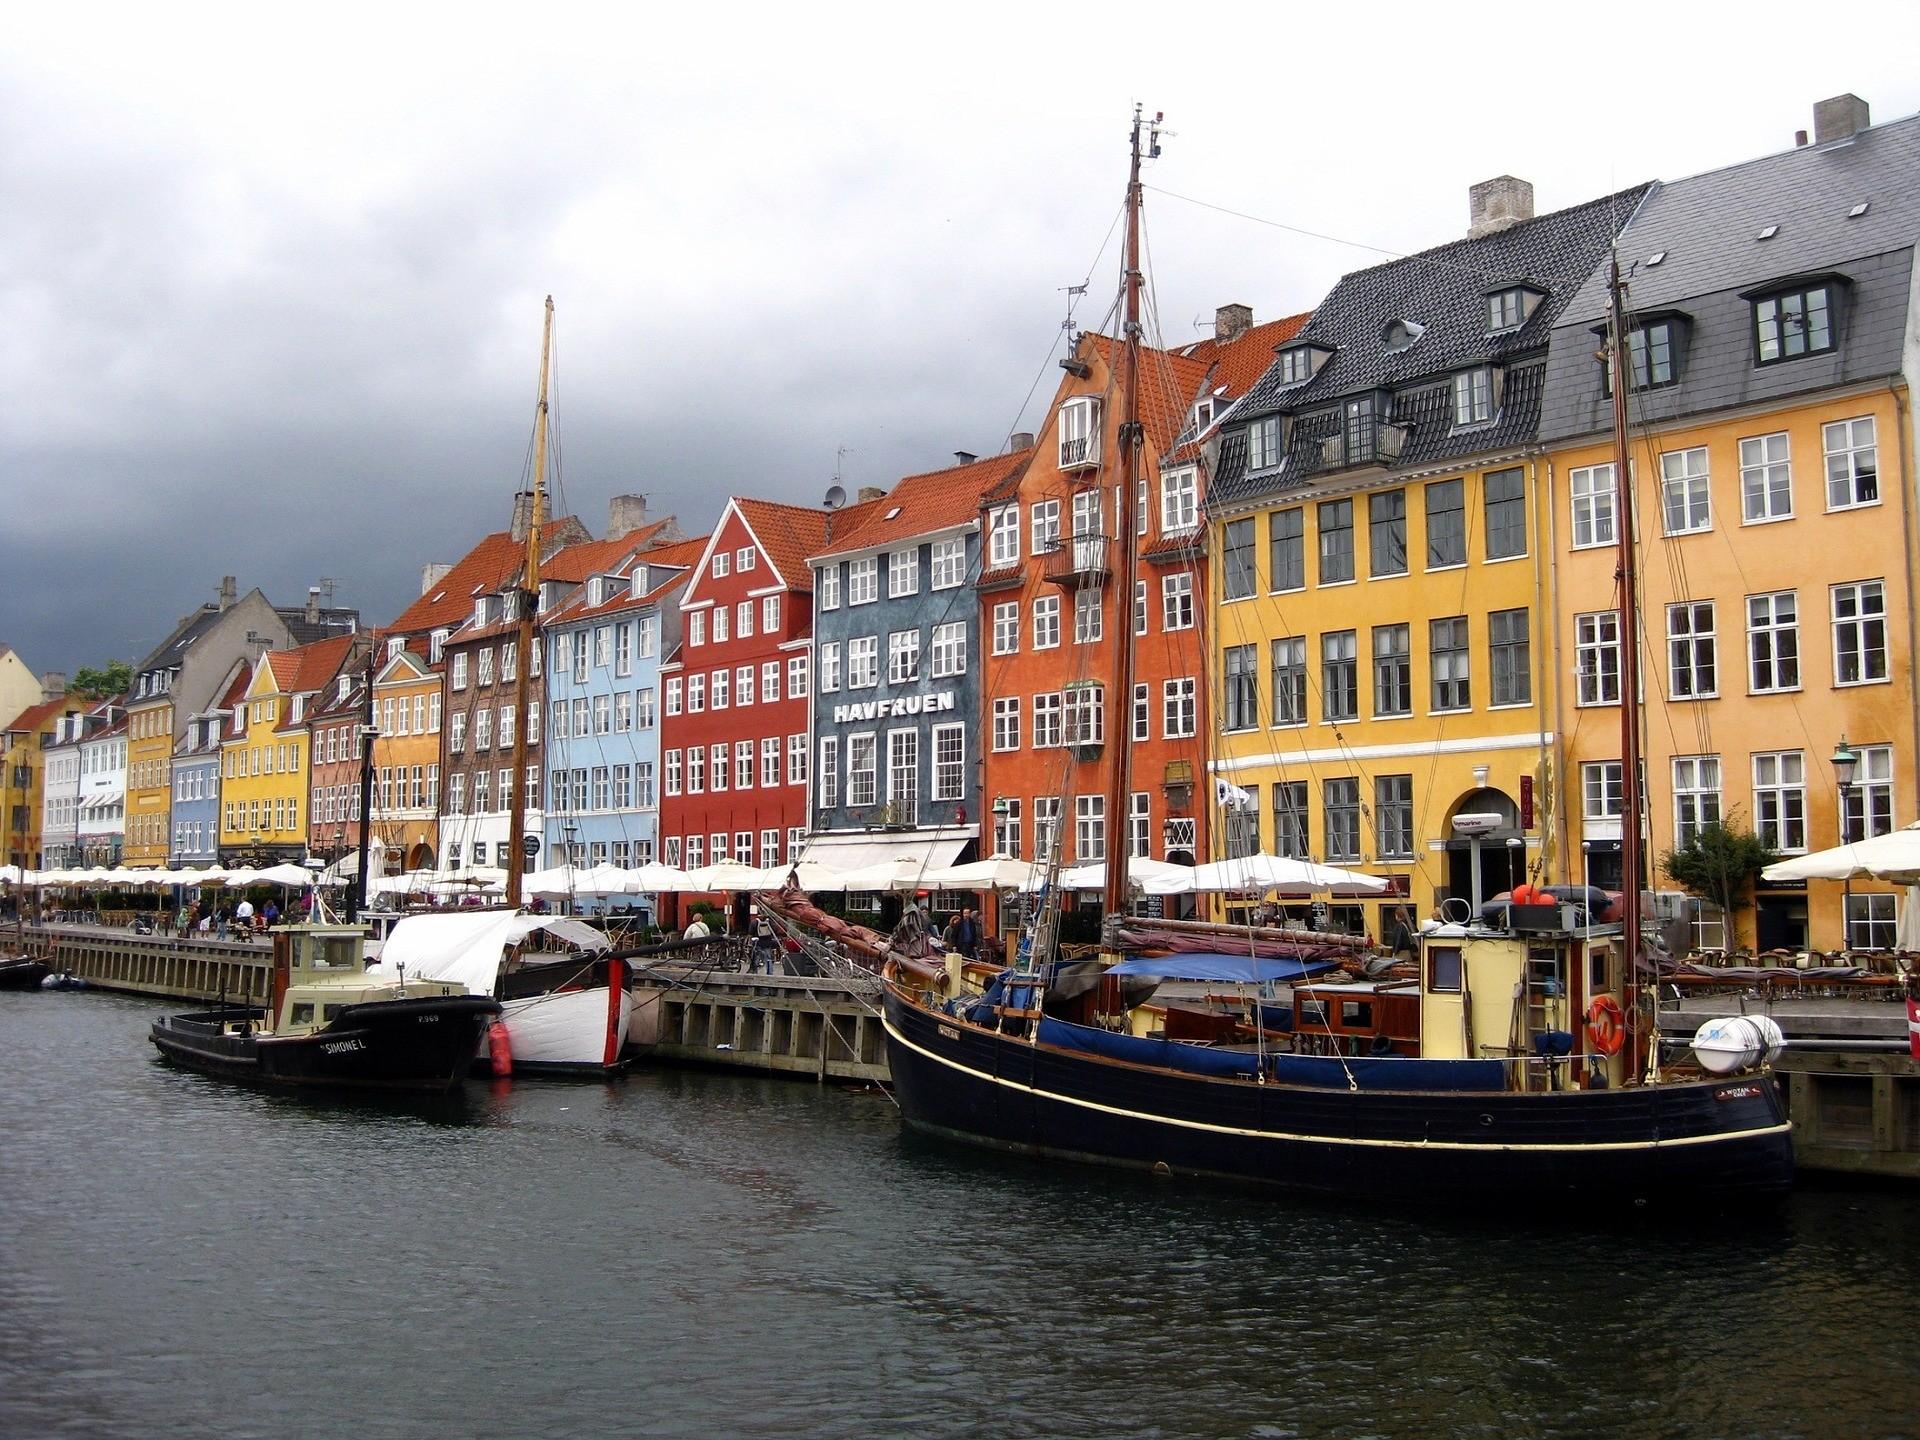 Experiência em Roskilde, Dinamarca, por Josefine